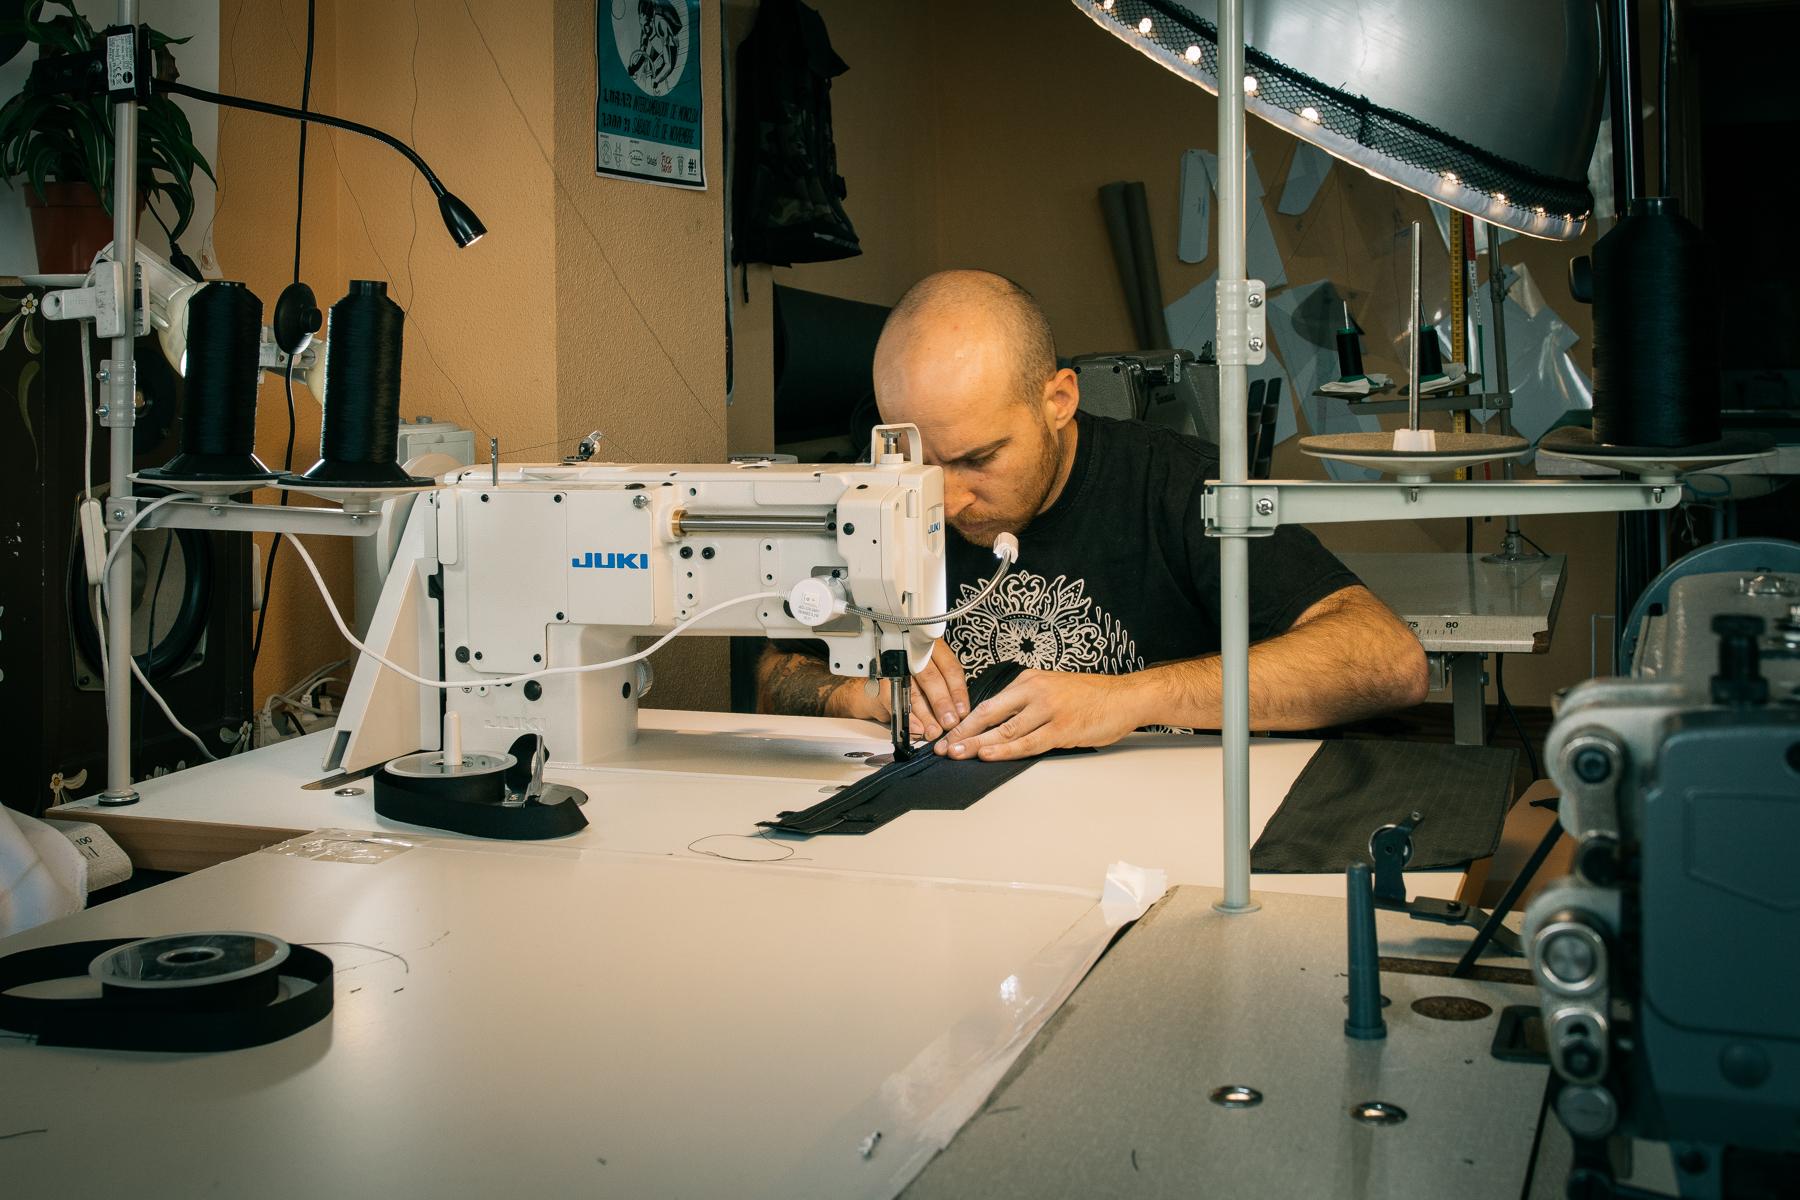 Daniel bazaco making Cordel bikepacking bags